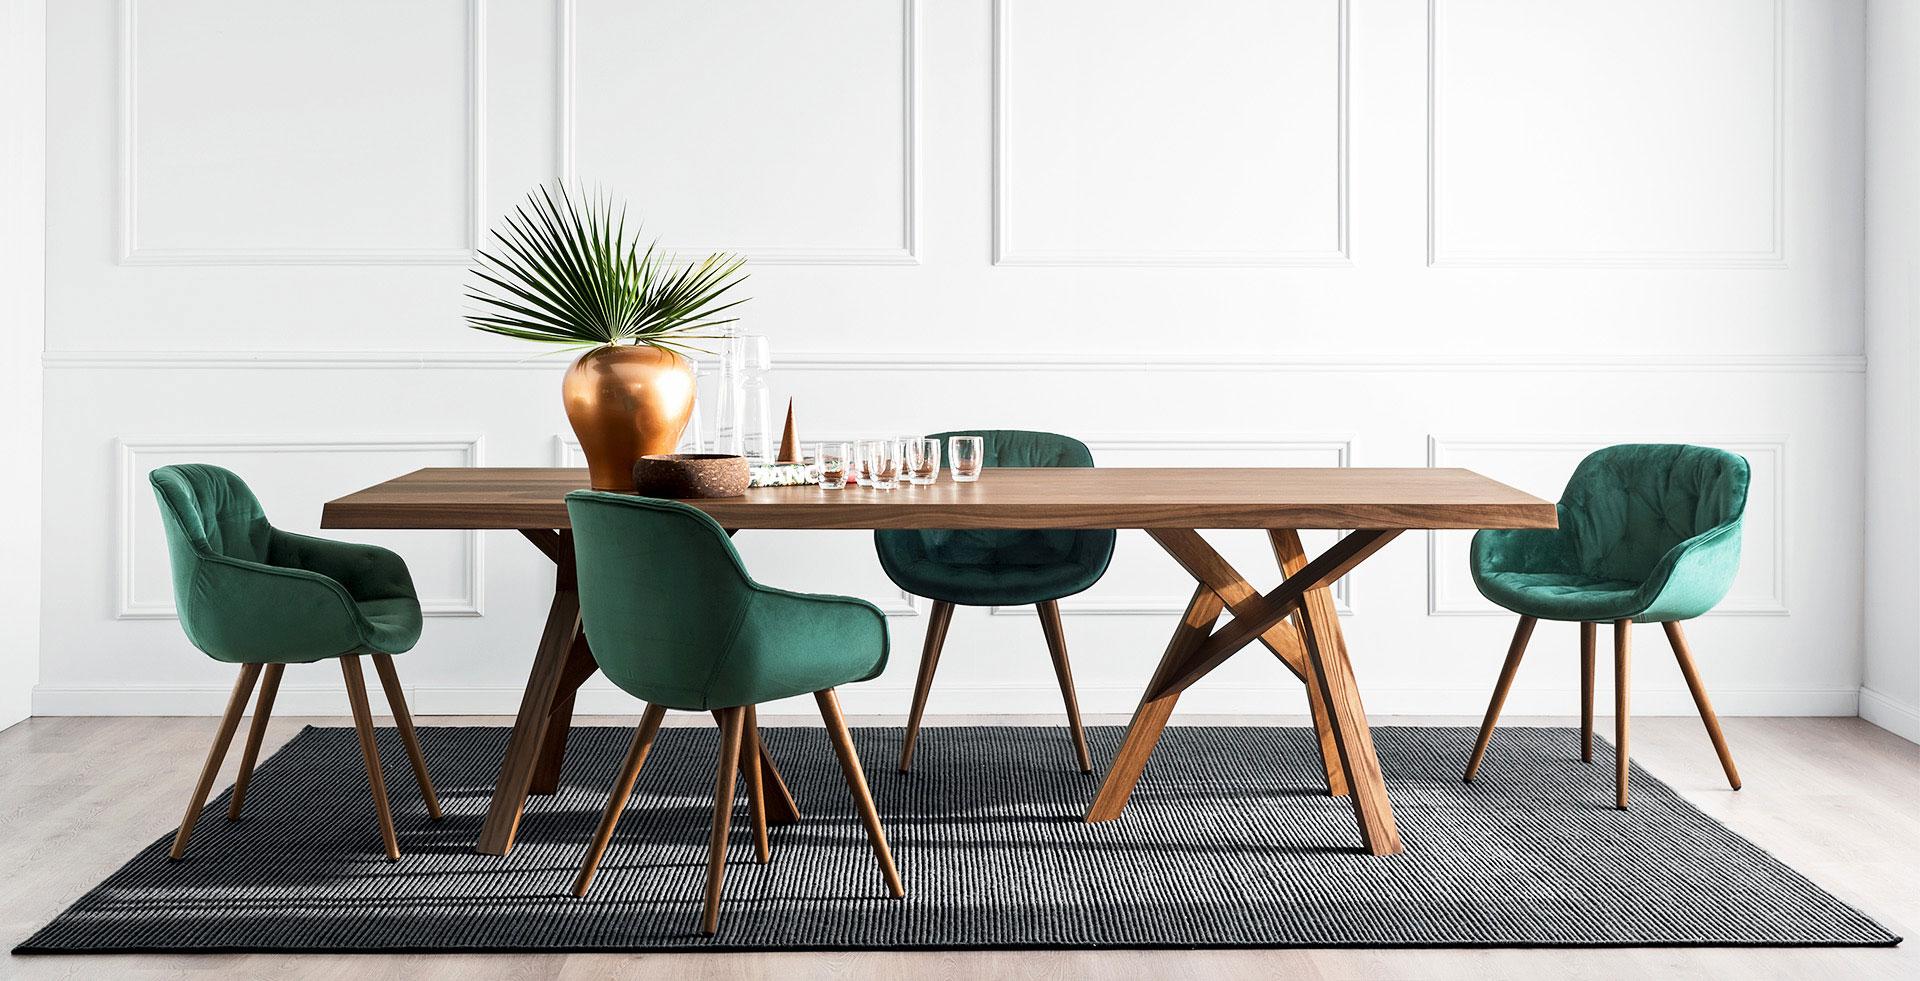 MTM-arreda-gatteo-progettazione-su-misura-arredamento-tavoli-sedie-cucina